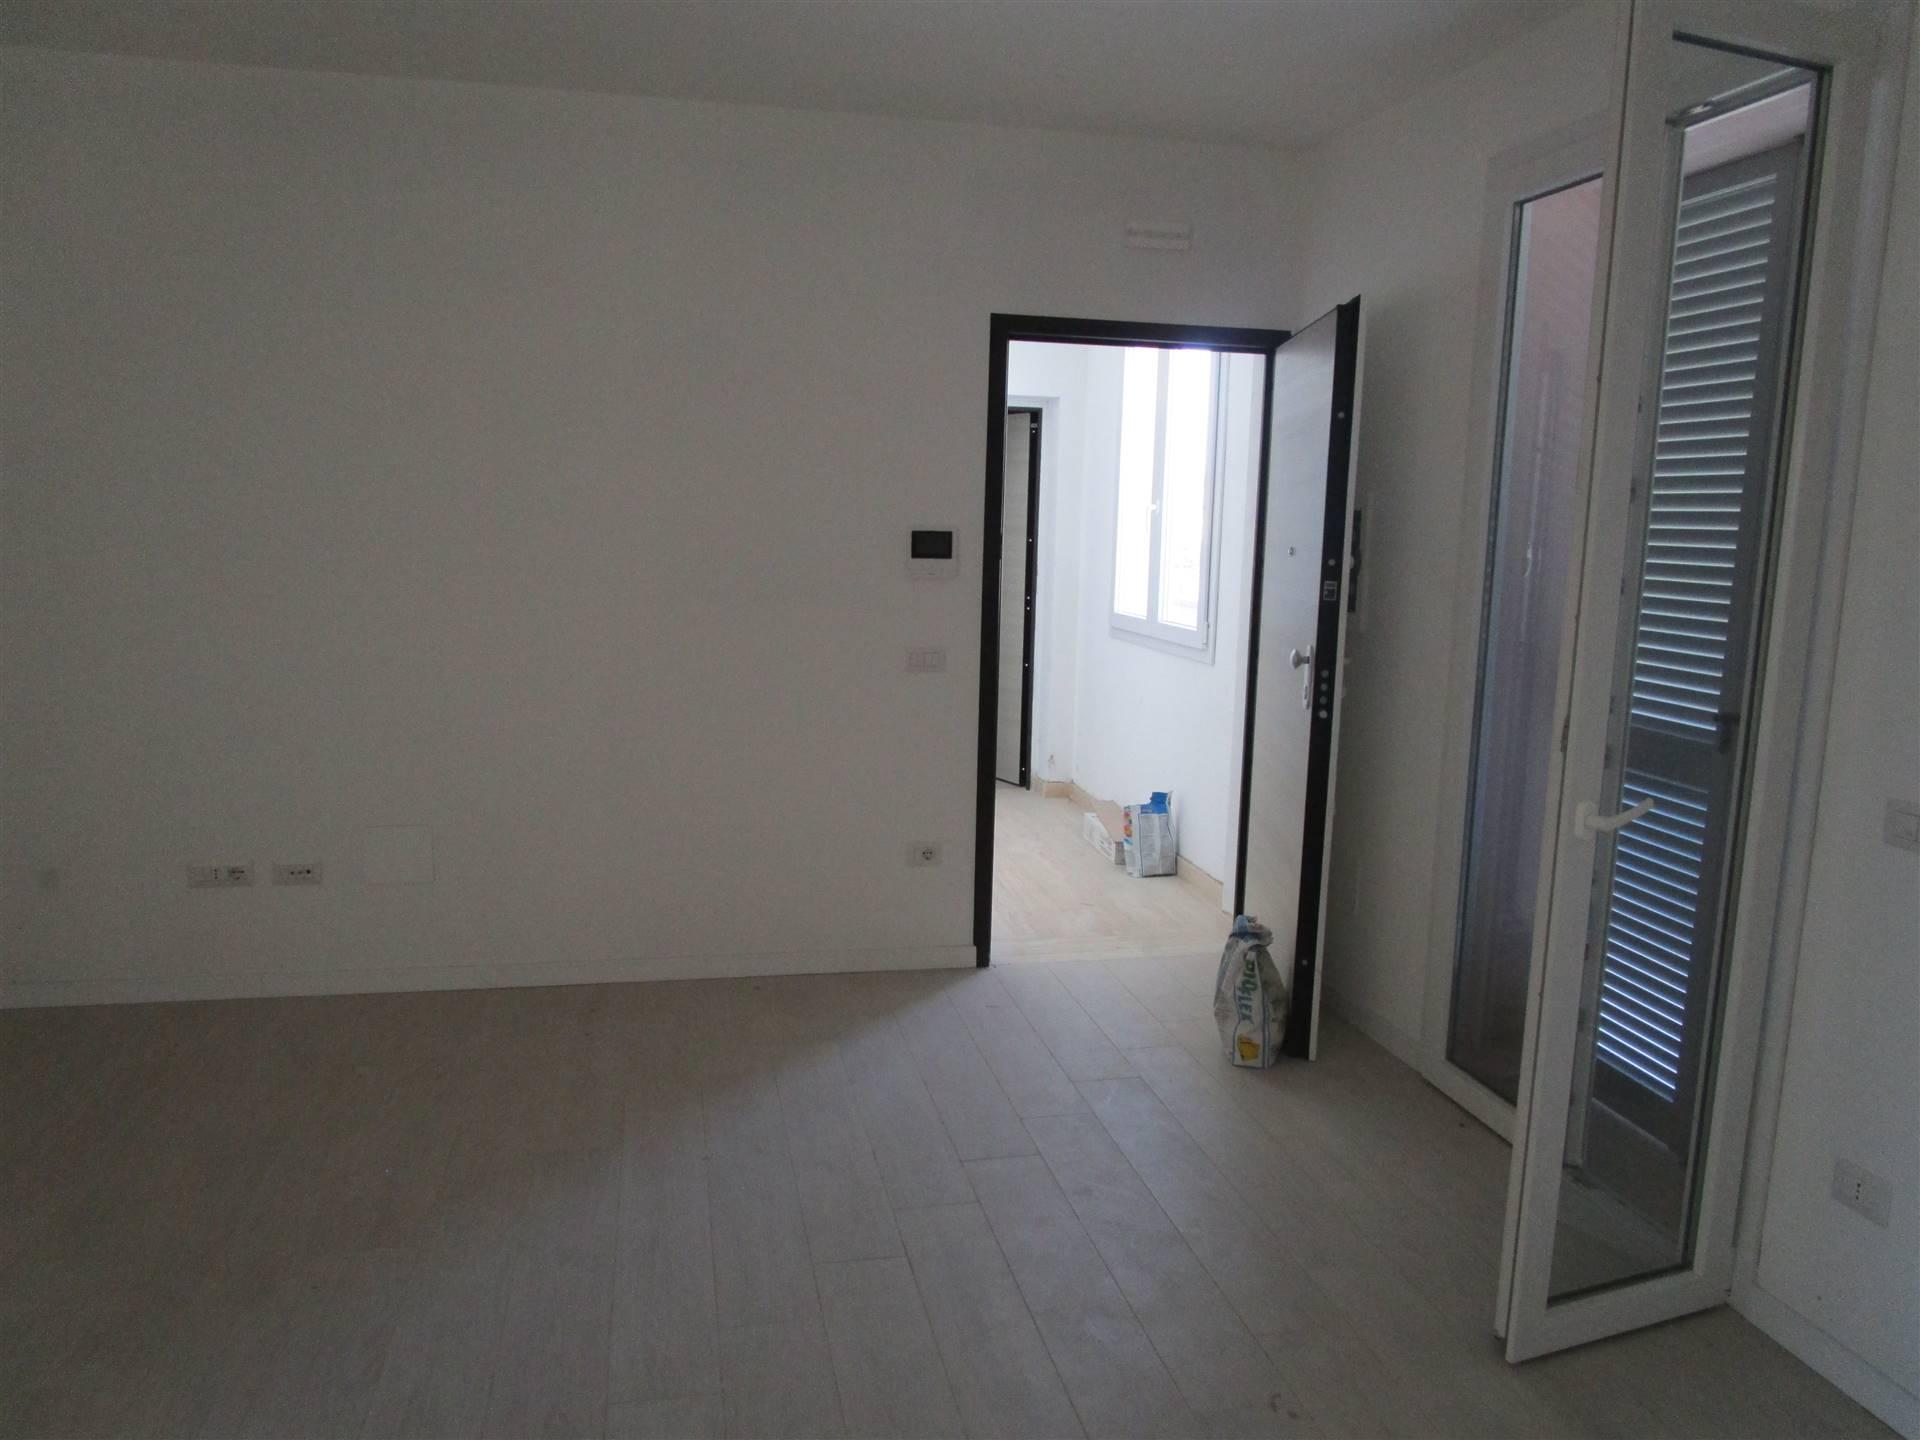 Appartamento in Vendita a Campi bisenzio zona San piero a ponti - immagine 15